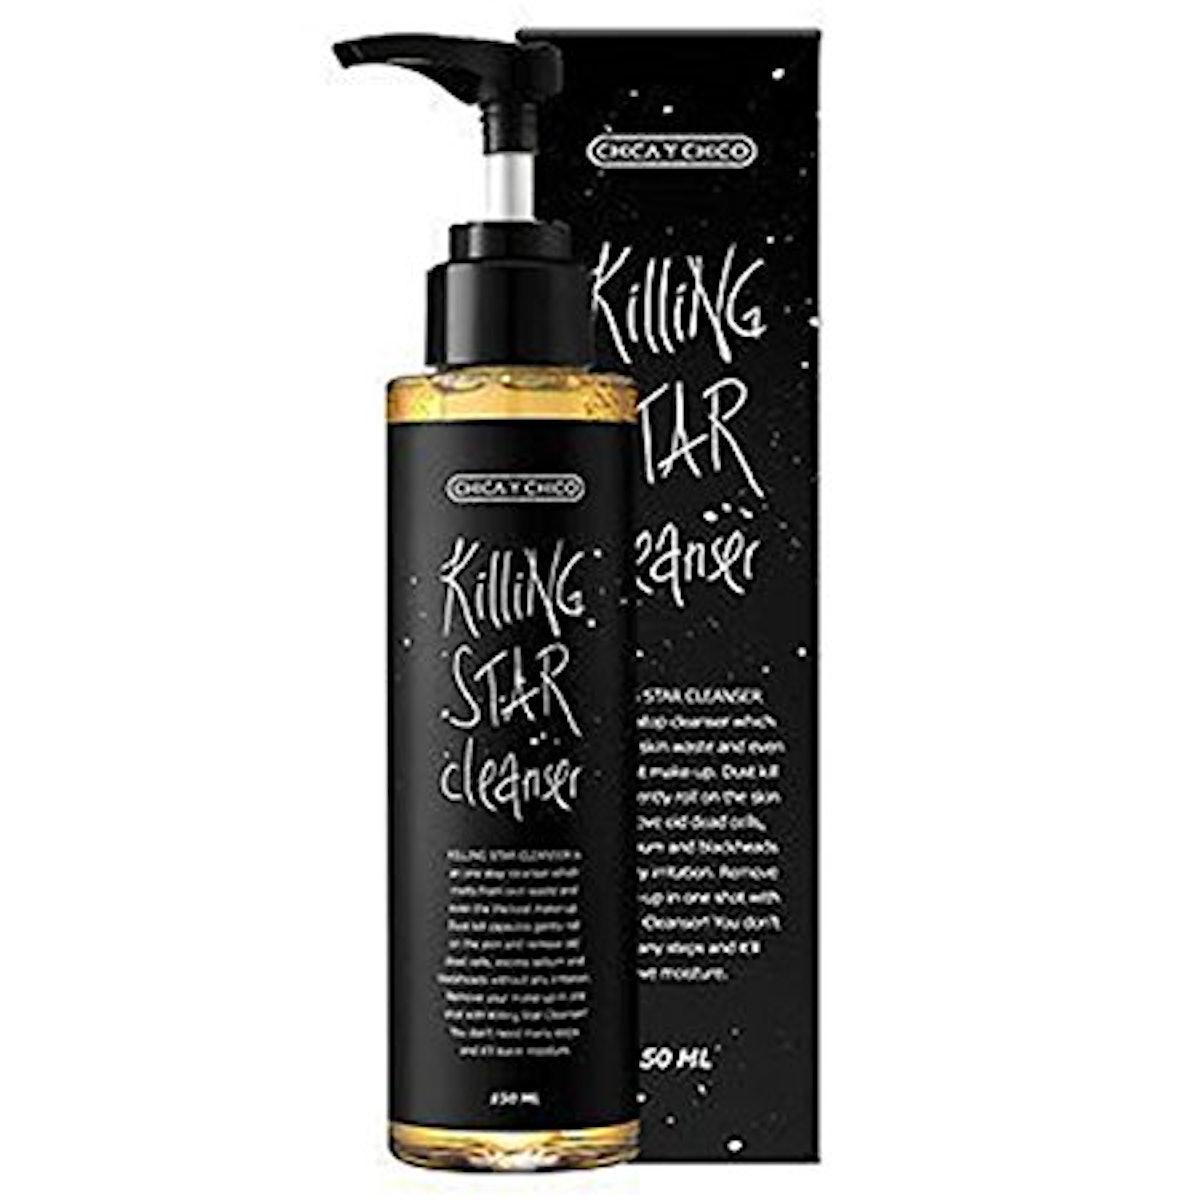 Killing Star Cleanser